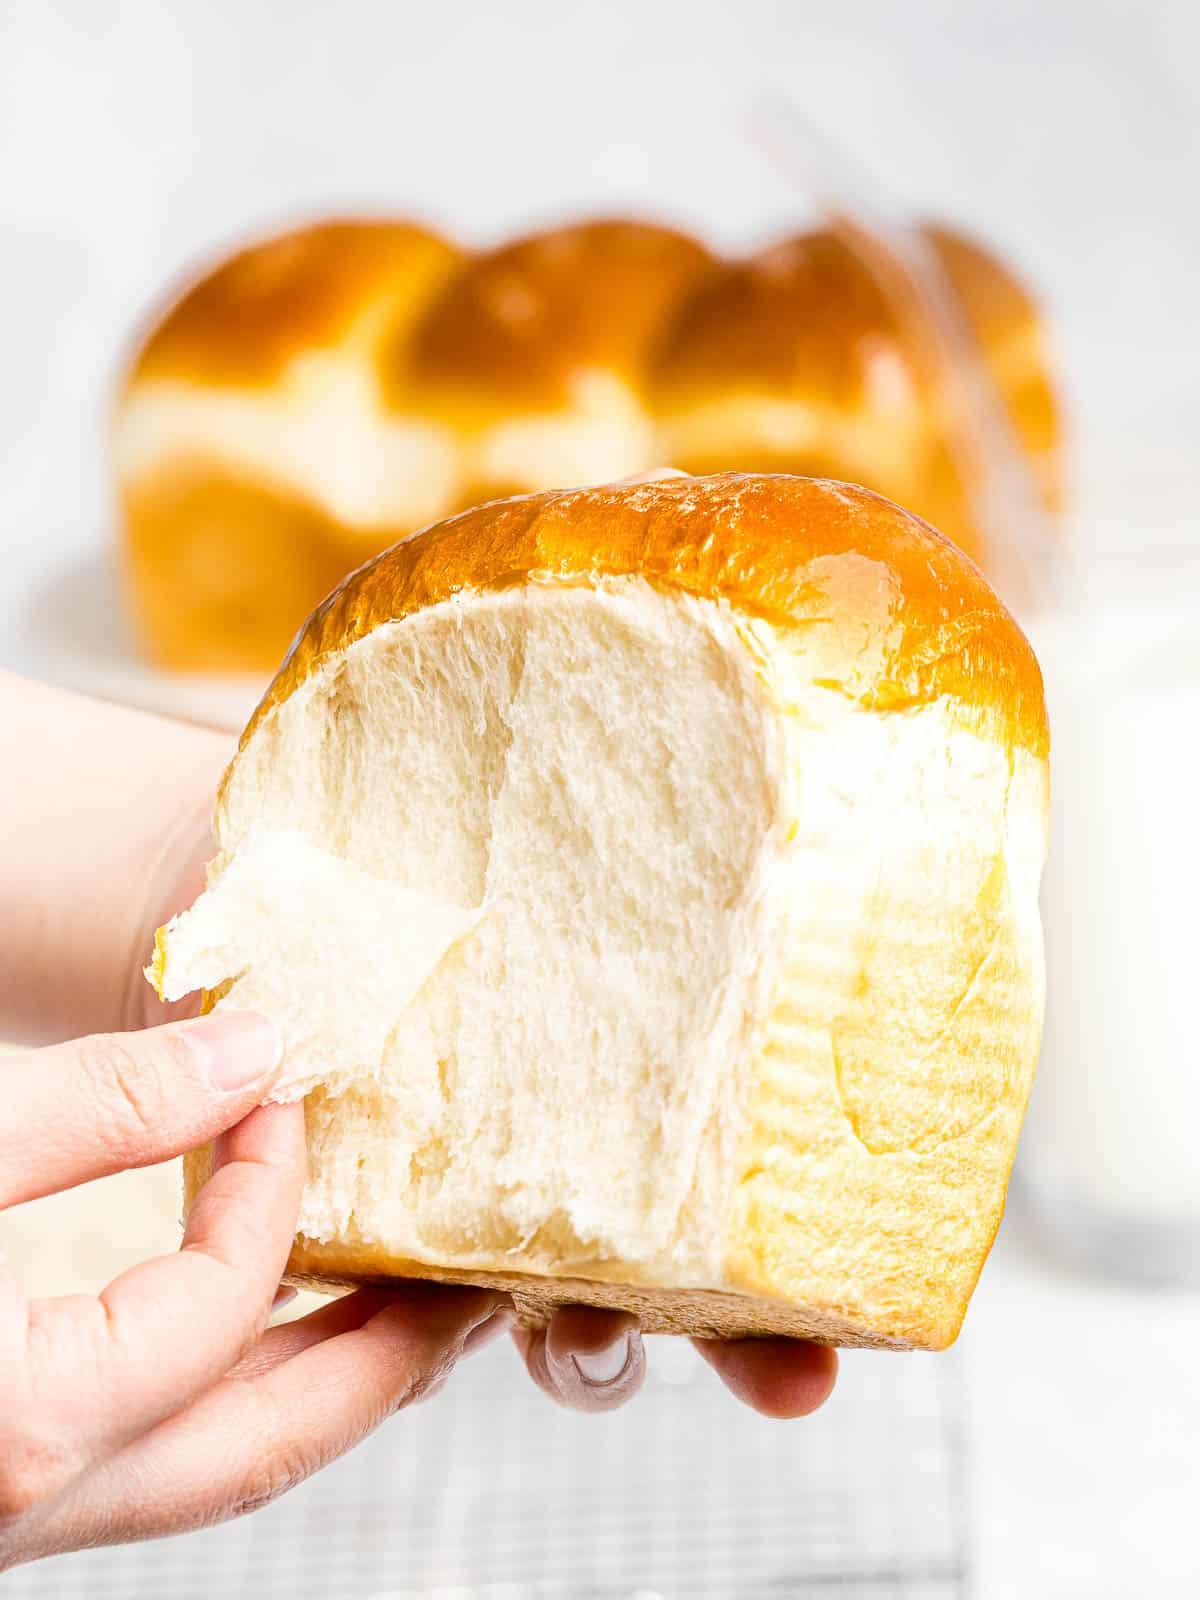 Korean milk bread pulled apart by hands to show proper gluten development.